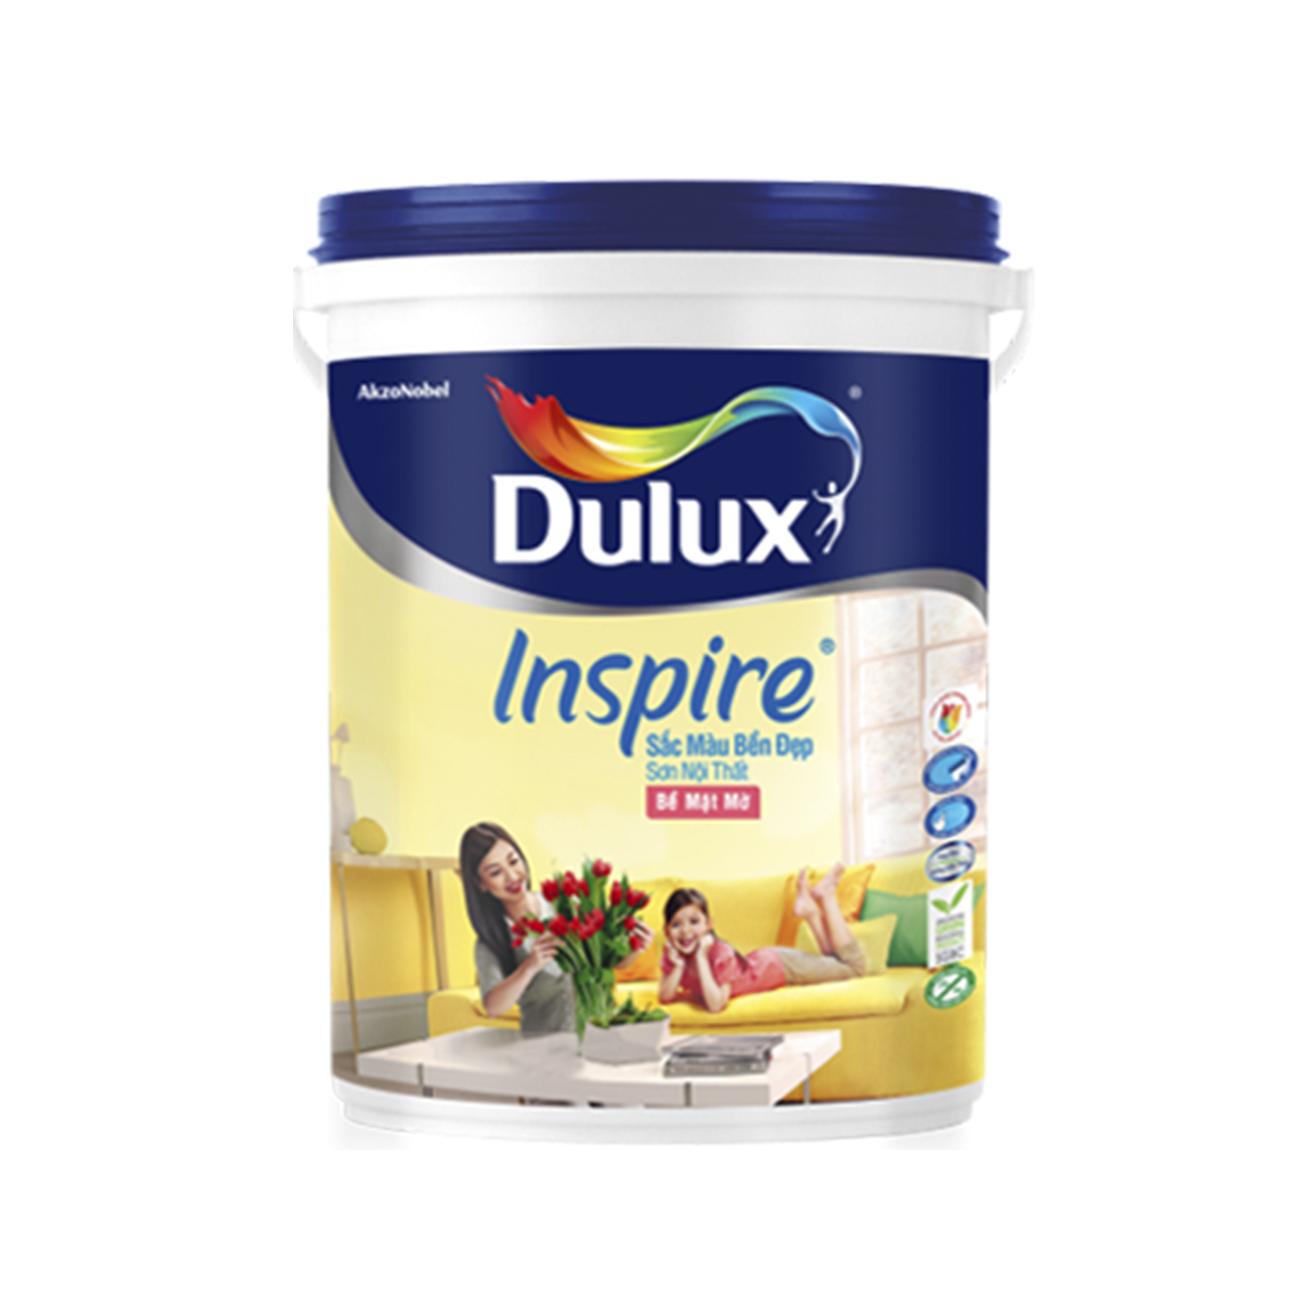 Dulux Inspire Nội Thất Sắc Màu Bền Đẹp Bề Mặt Mờ 5L